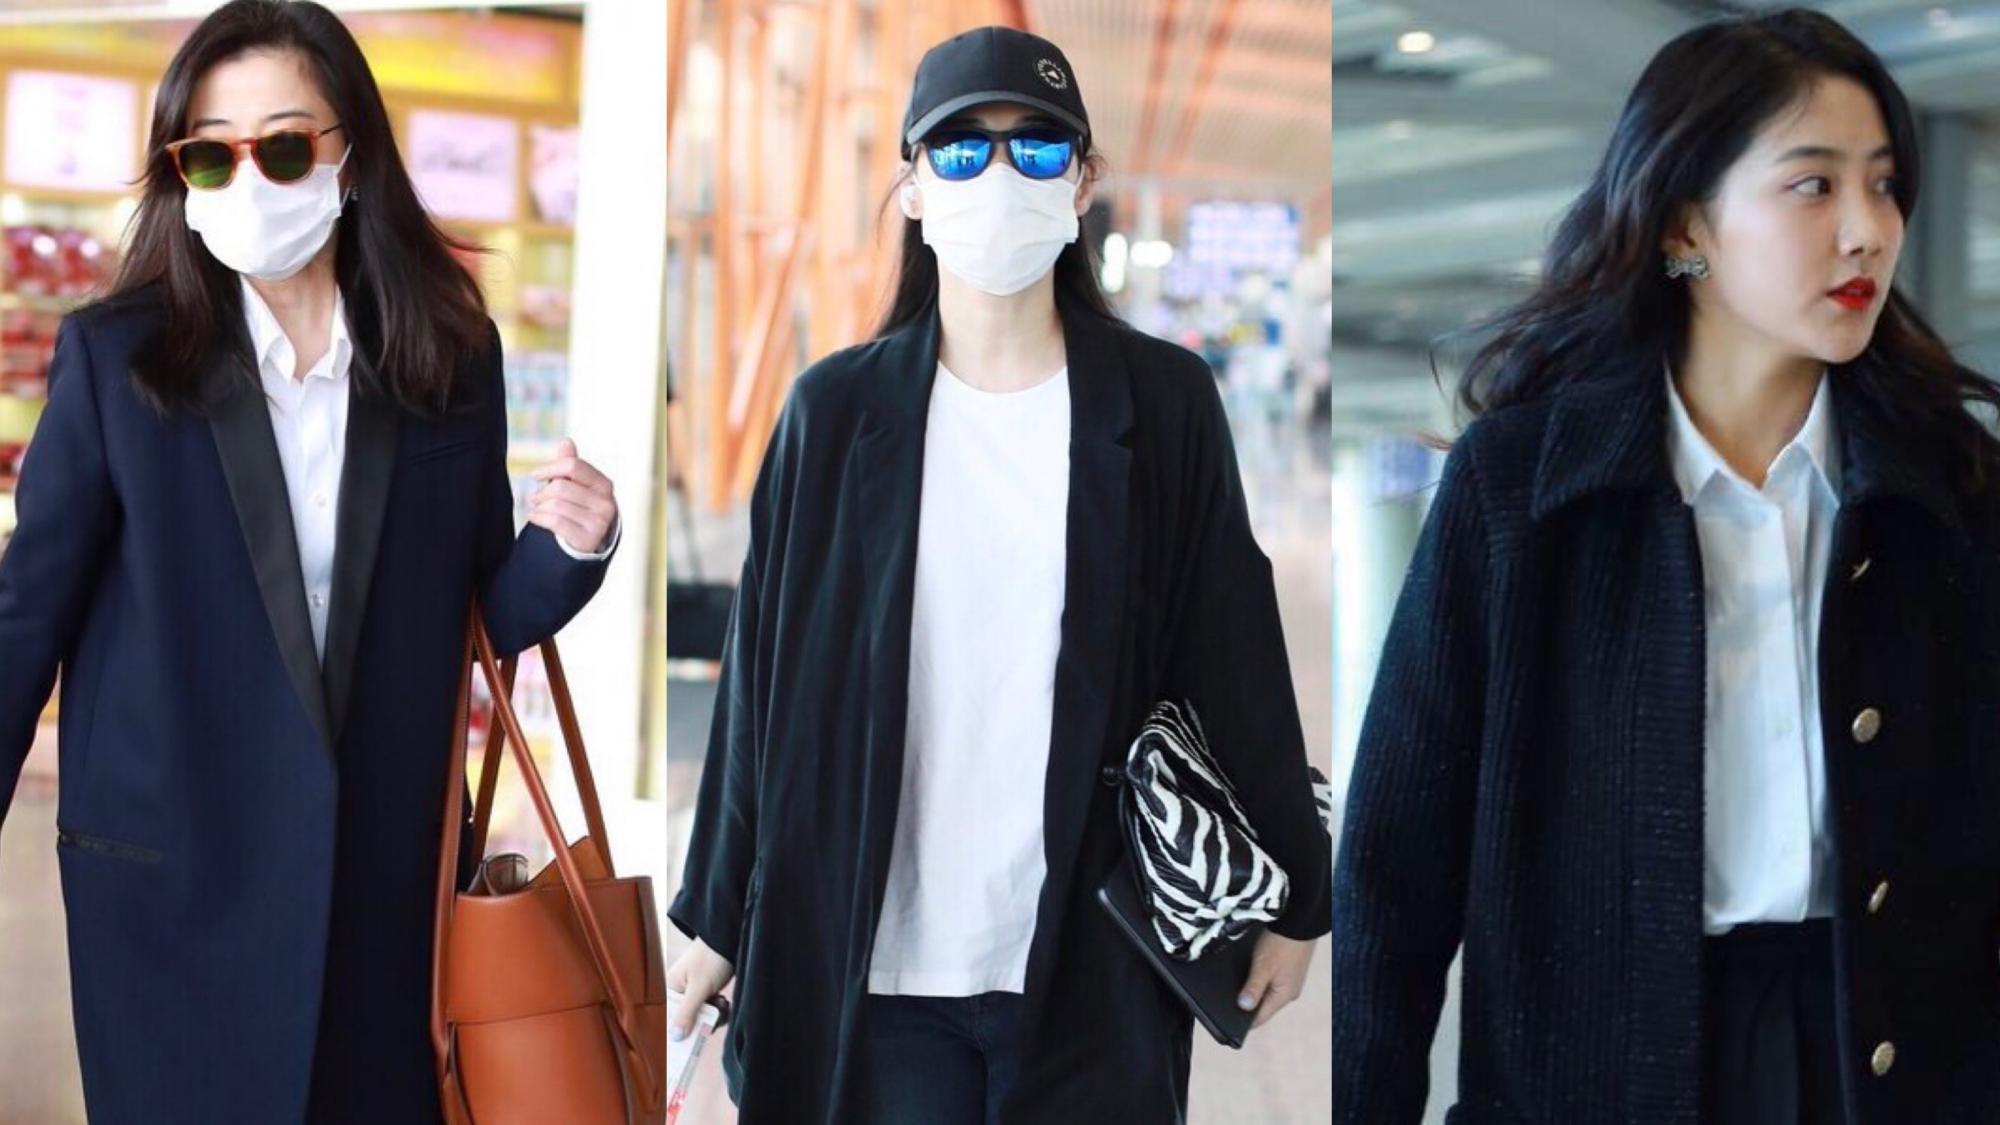 """王丽坤真是大衣""""穿搭模版"""",叠穿粉衬衣气质好,冬季保暖还时髦"""